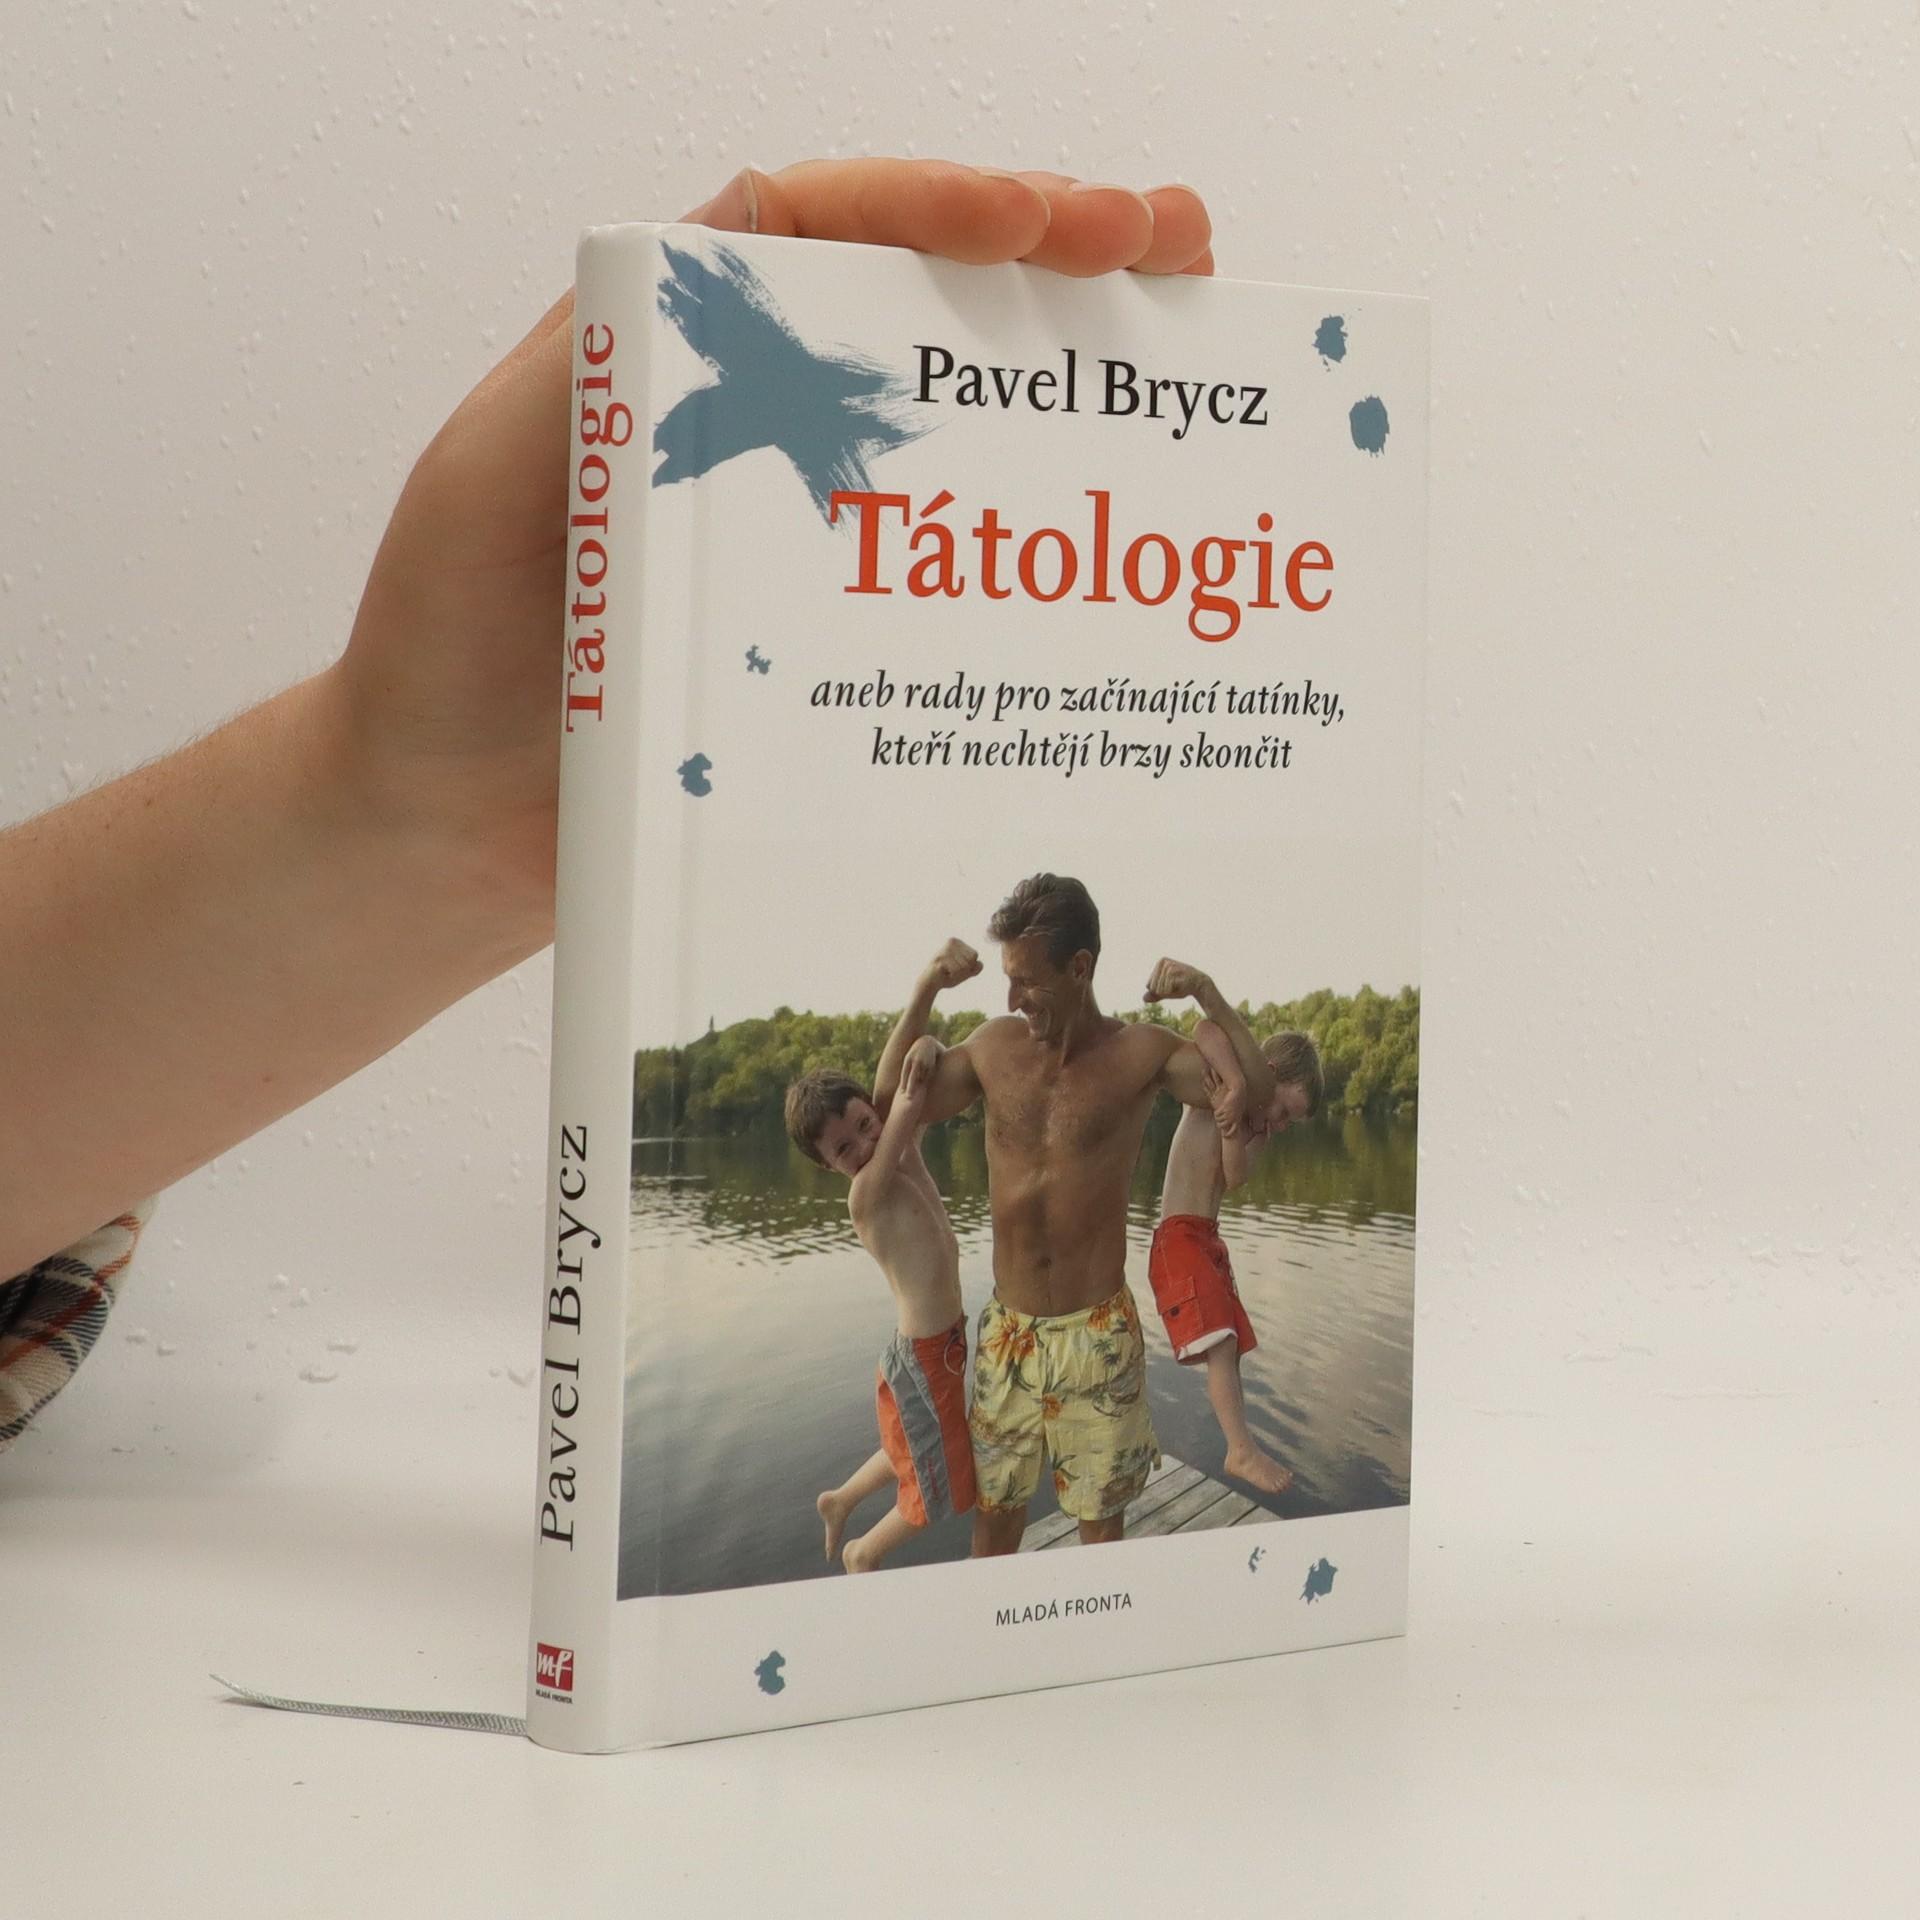 antikvární kniha Tátologie, aneb, rady pro začínající tatínky, kteří nechtějí brzy skončit, 2011